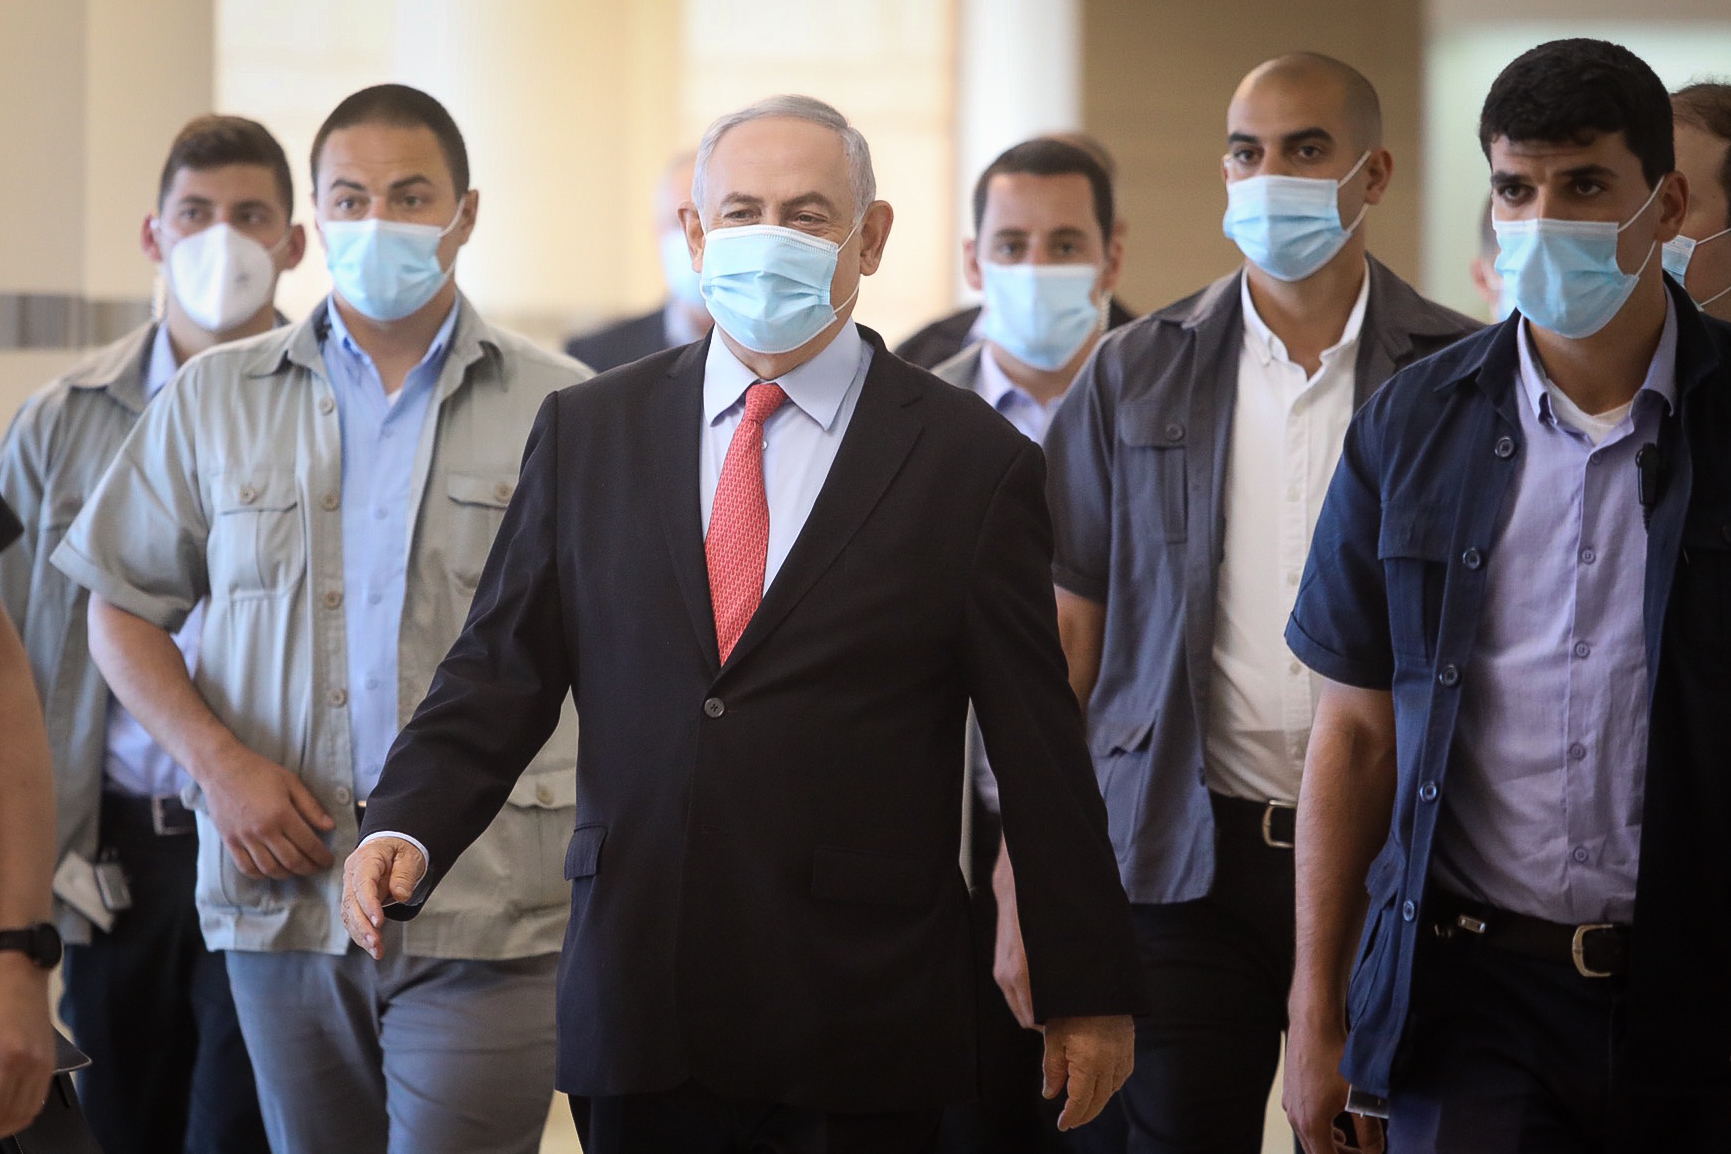 Le Premier ministre Benjamin Netanyahu, (au centre), arrive pour une réunion de la faction du Likud à la Knesset, le 25 mai 2020. (Flash90)